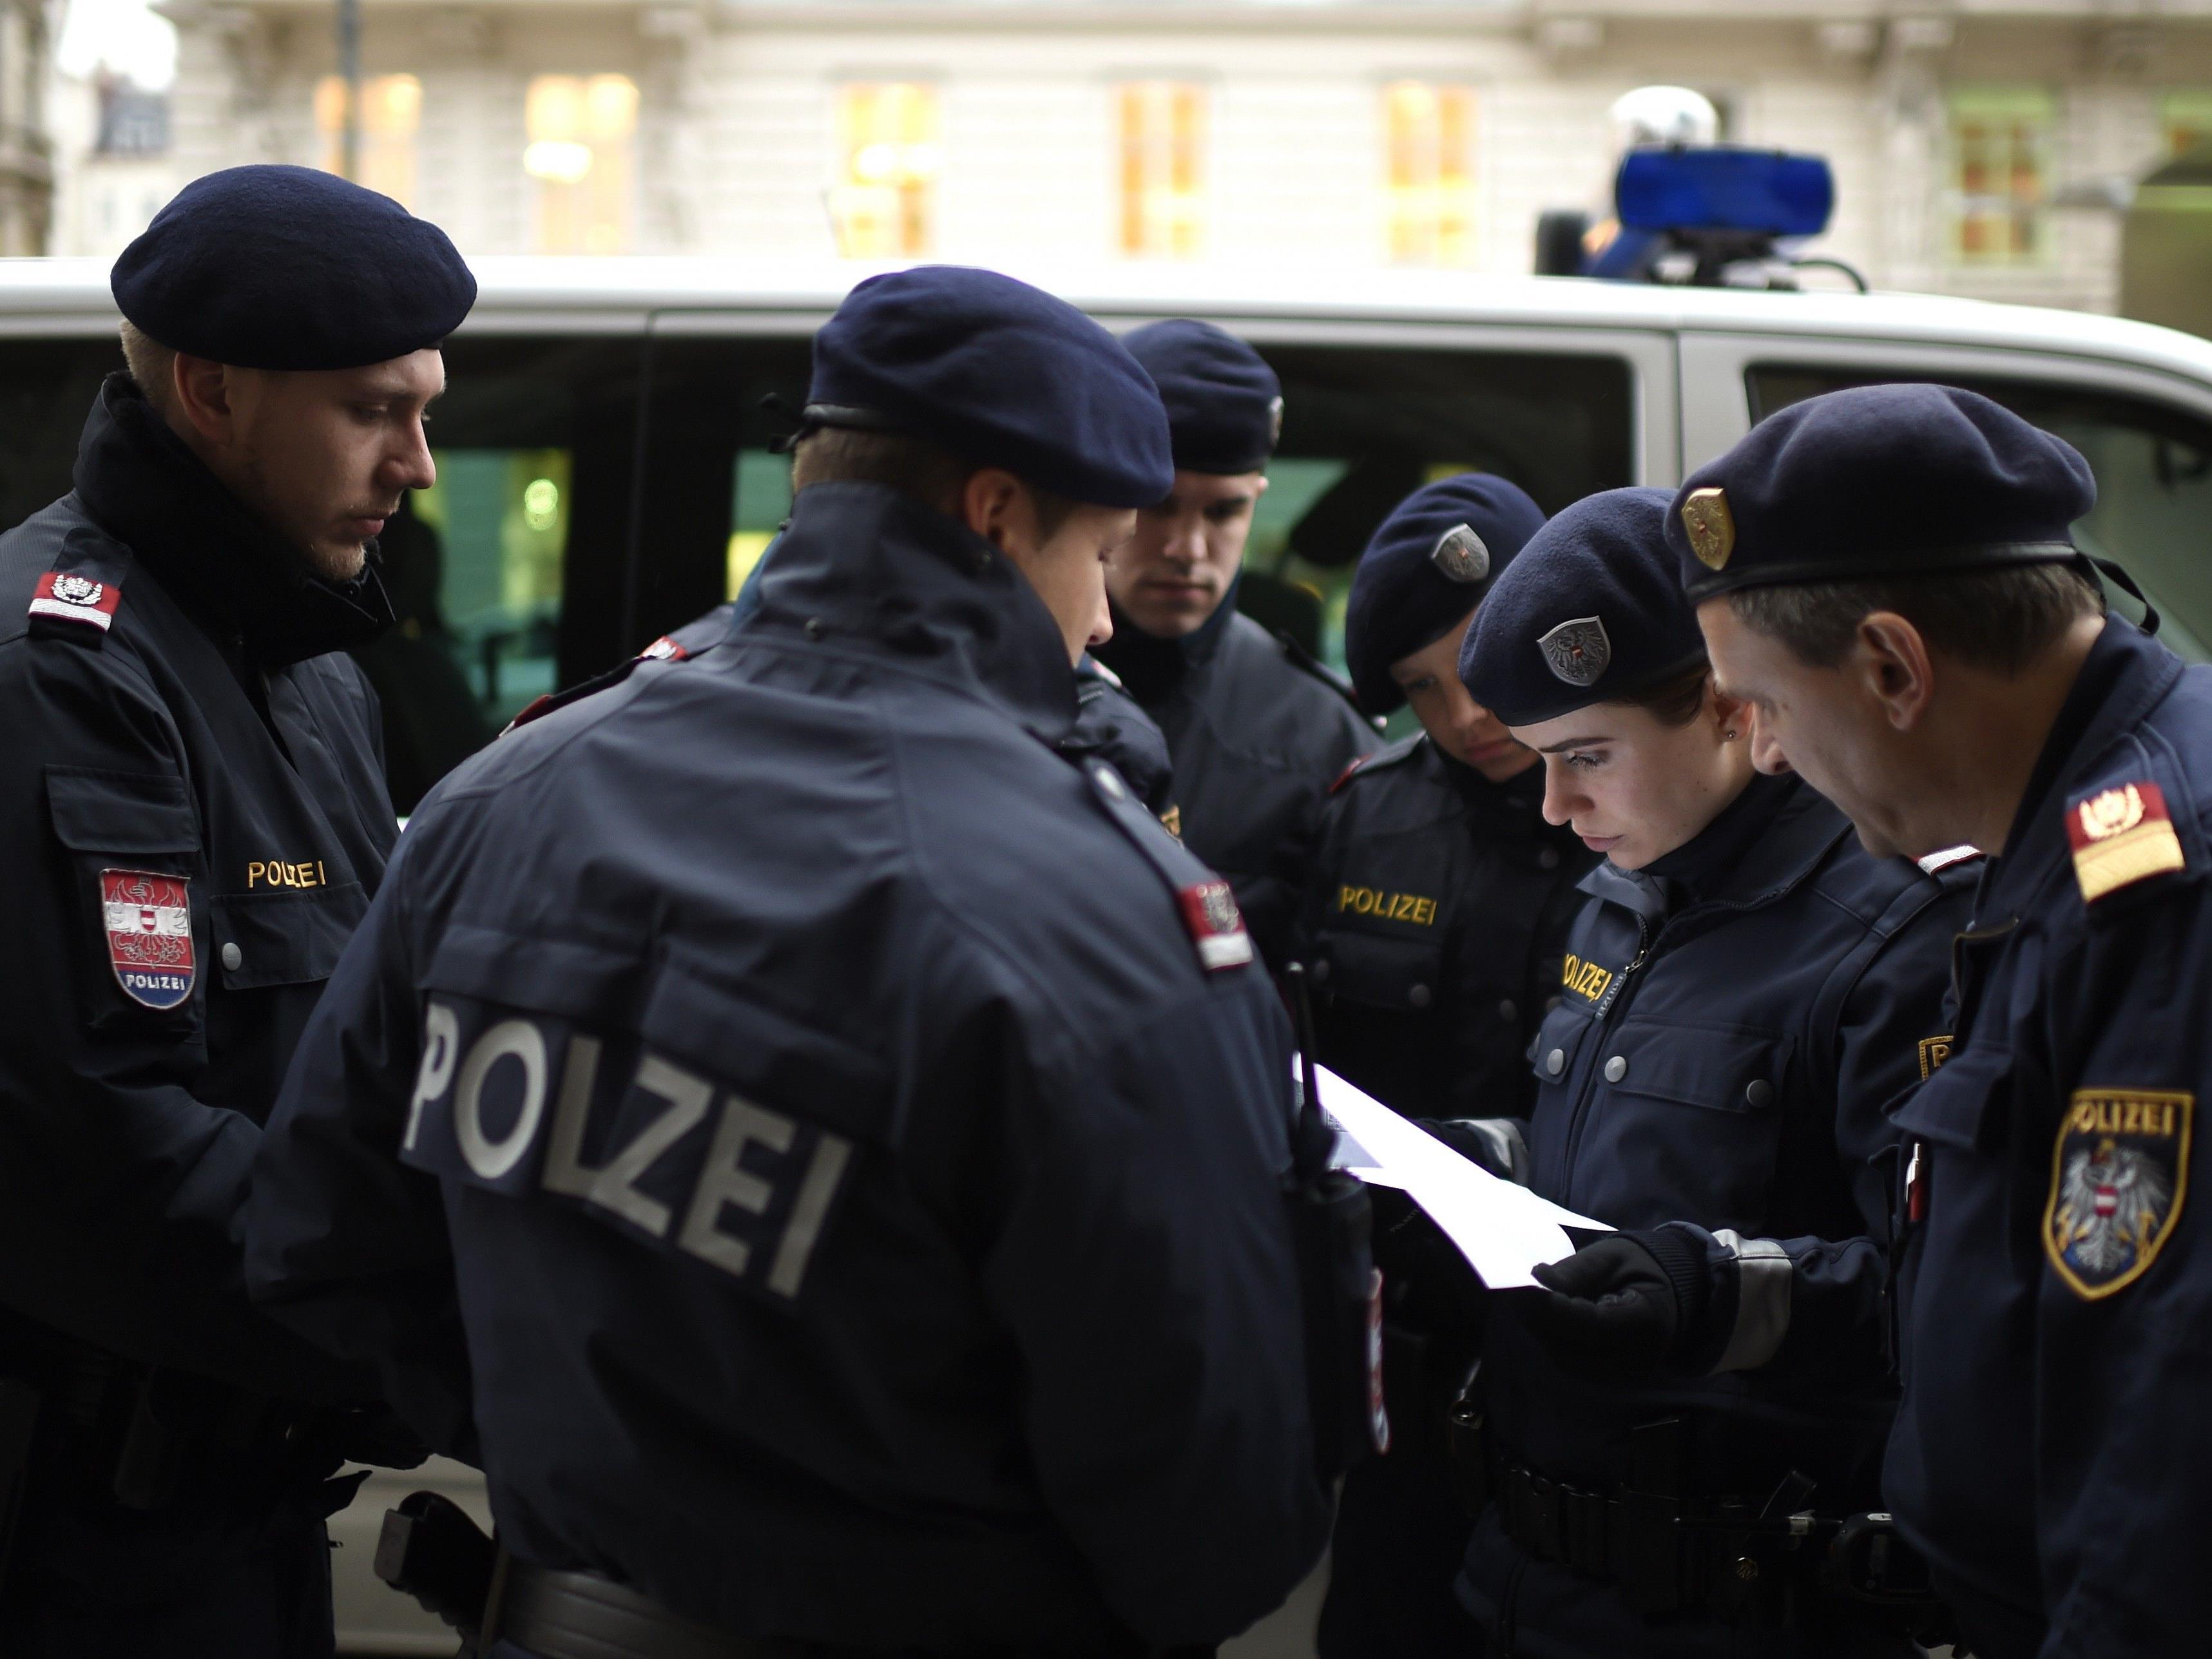 Nach einer Neunjährigen wurde mit großem Polizeiaufgebot gesucht